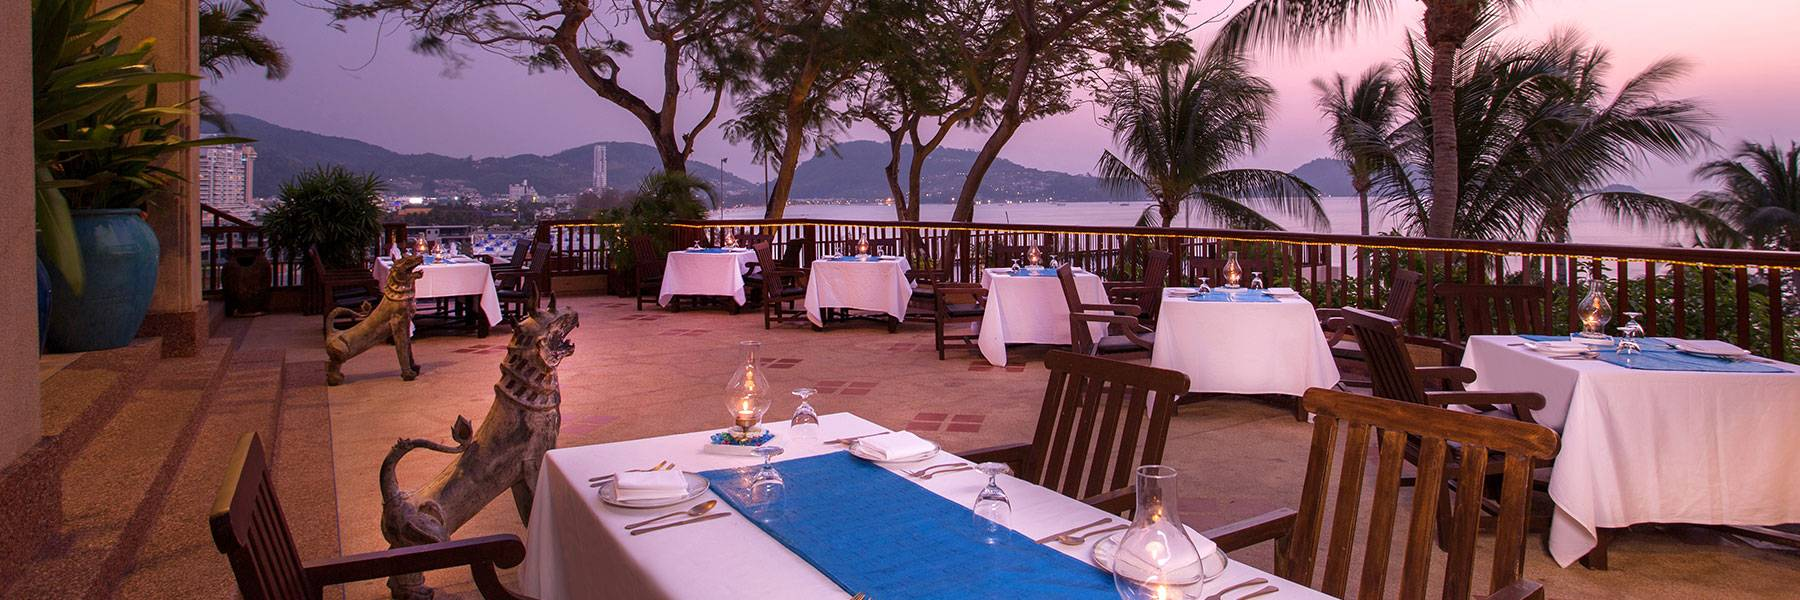 ruen-thong-restaurant